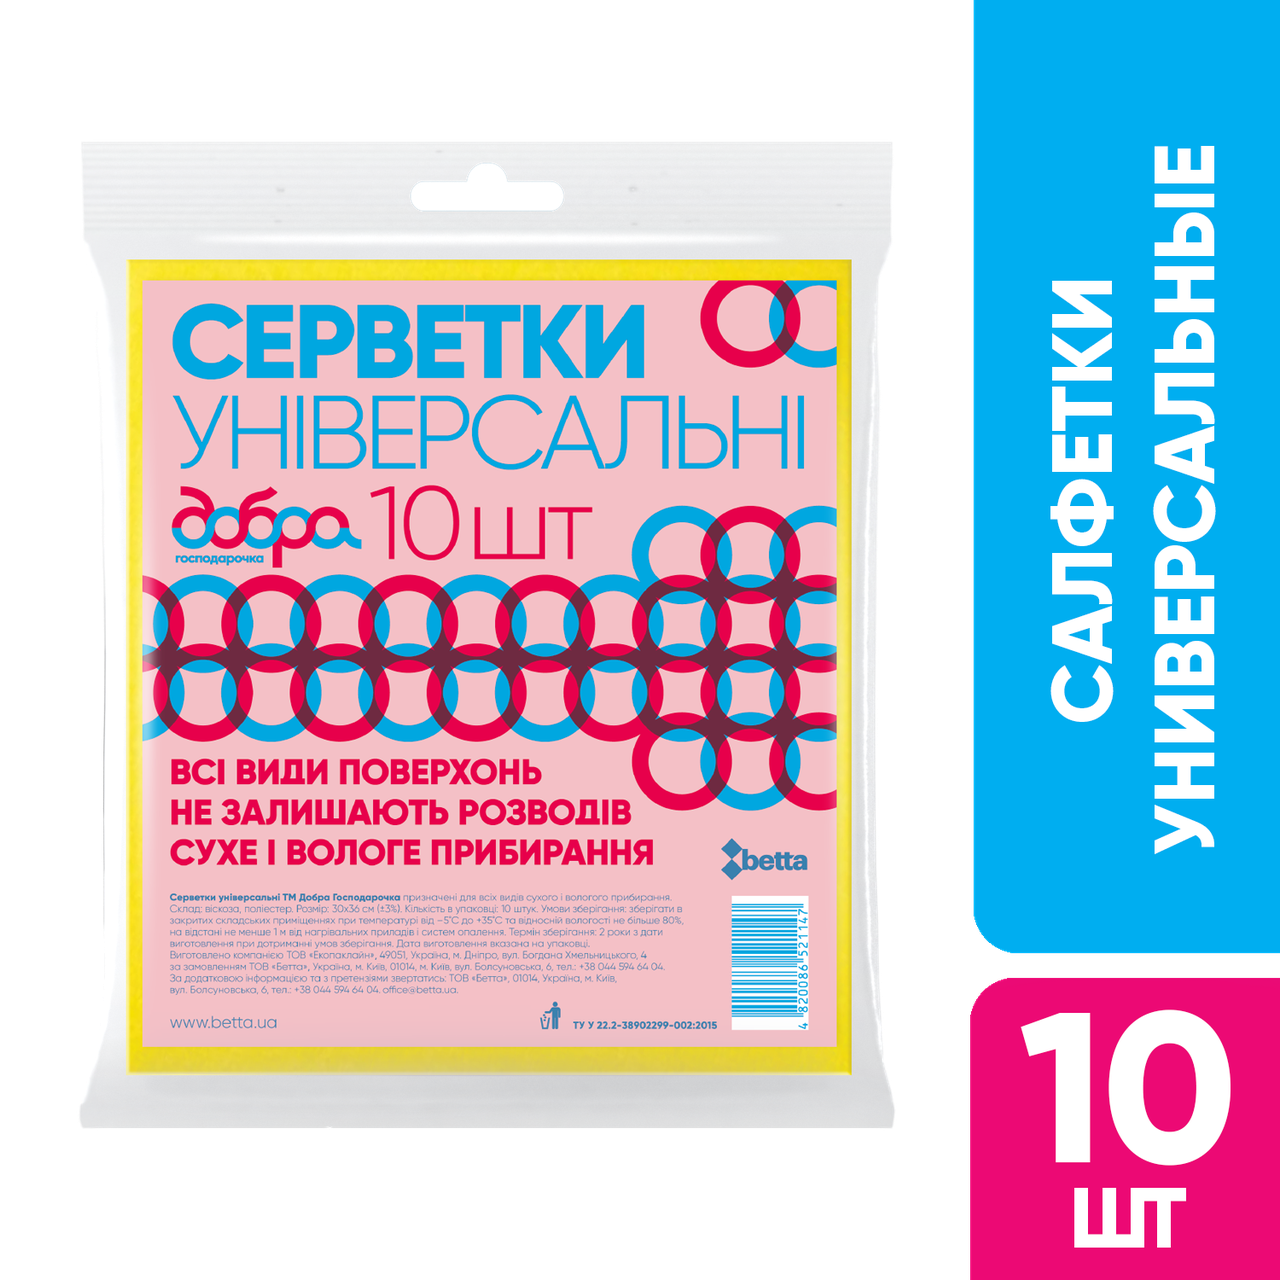 Универсальные салфетки 10 шт., ТМ Добра Господарочка